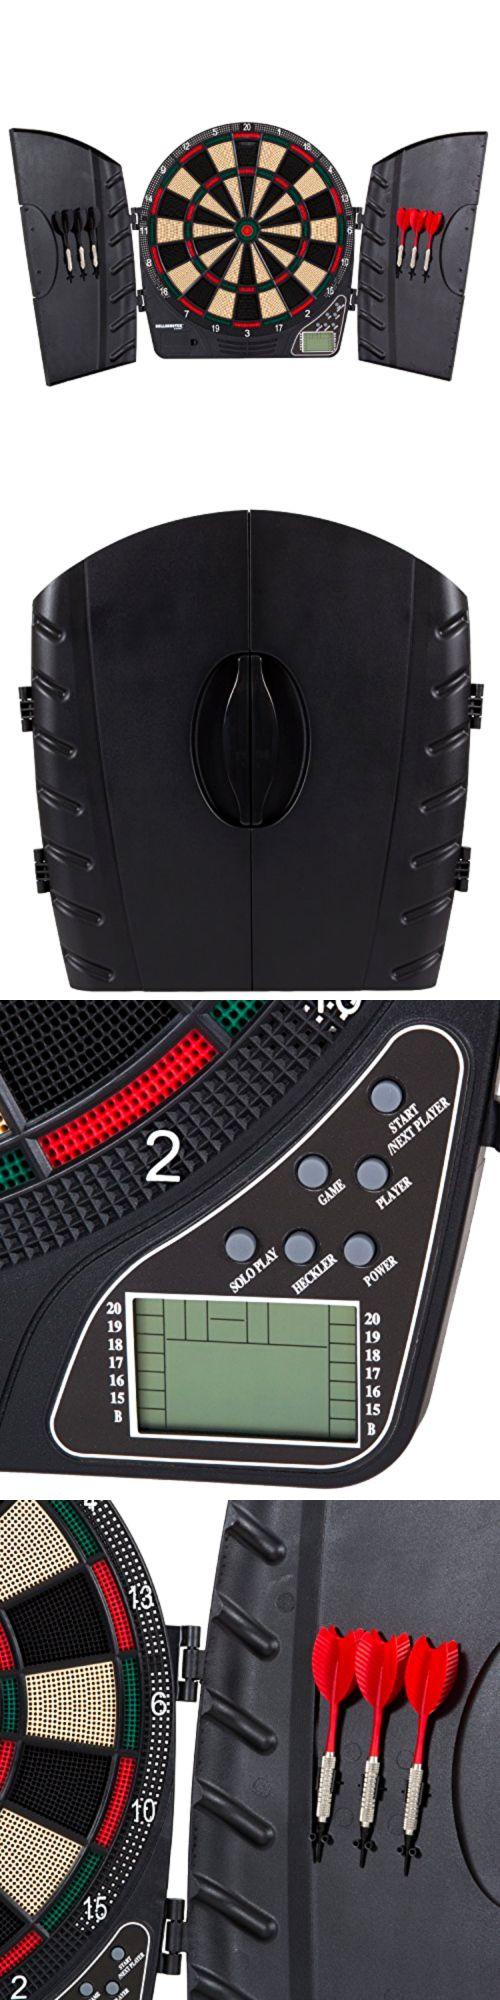 Dart Boards 72576: Bullshooter By Arachnid Reactor Electronic Dartboard Cabinet Set BUY IT NOW ONLY: $41.29